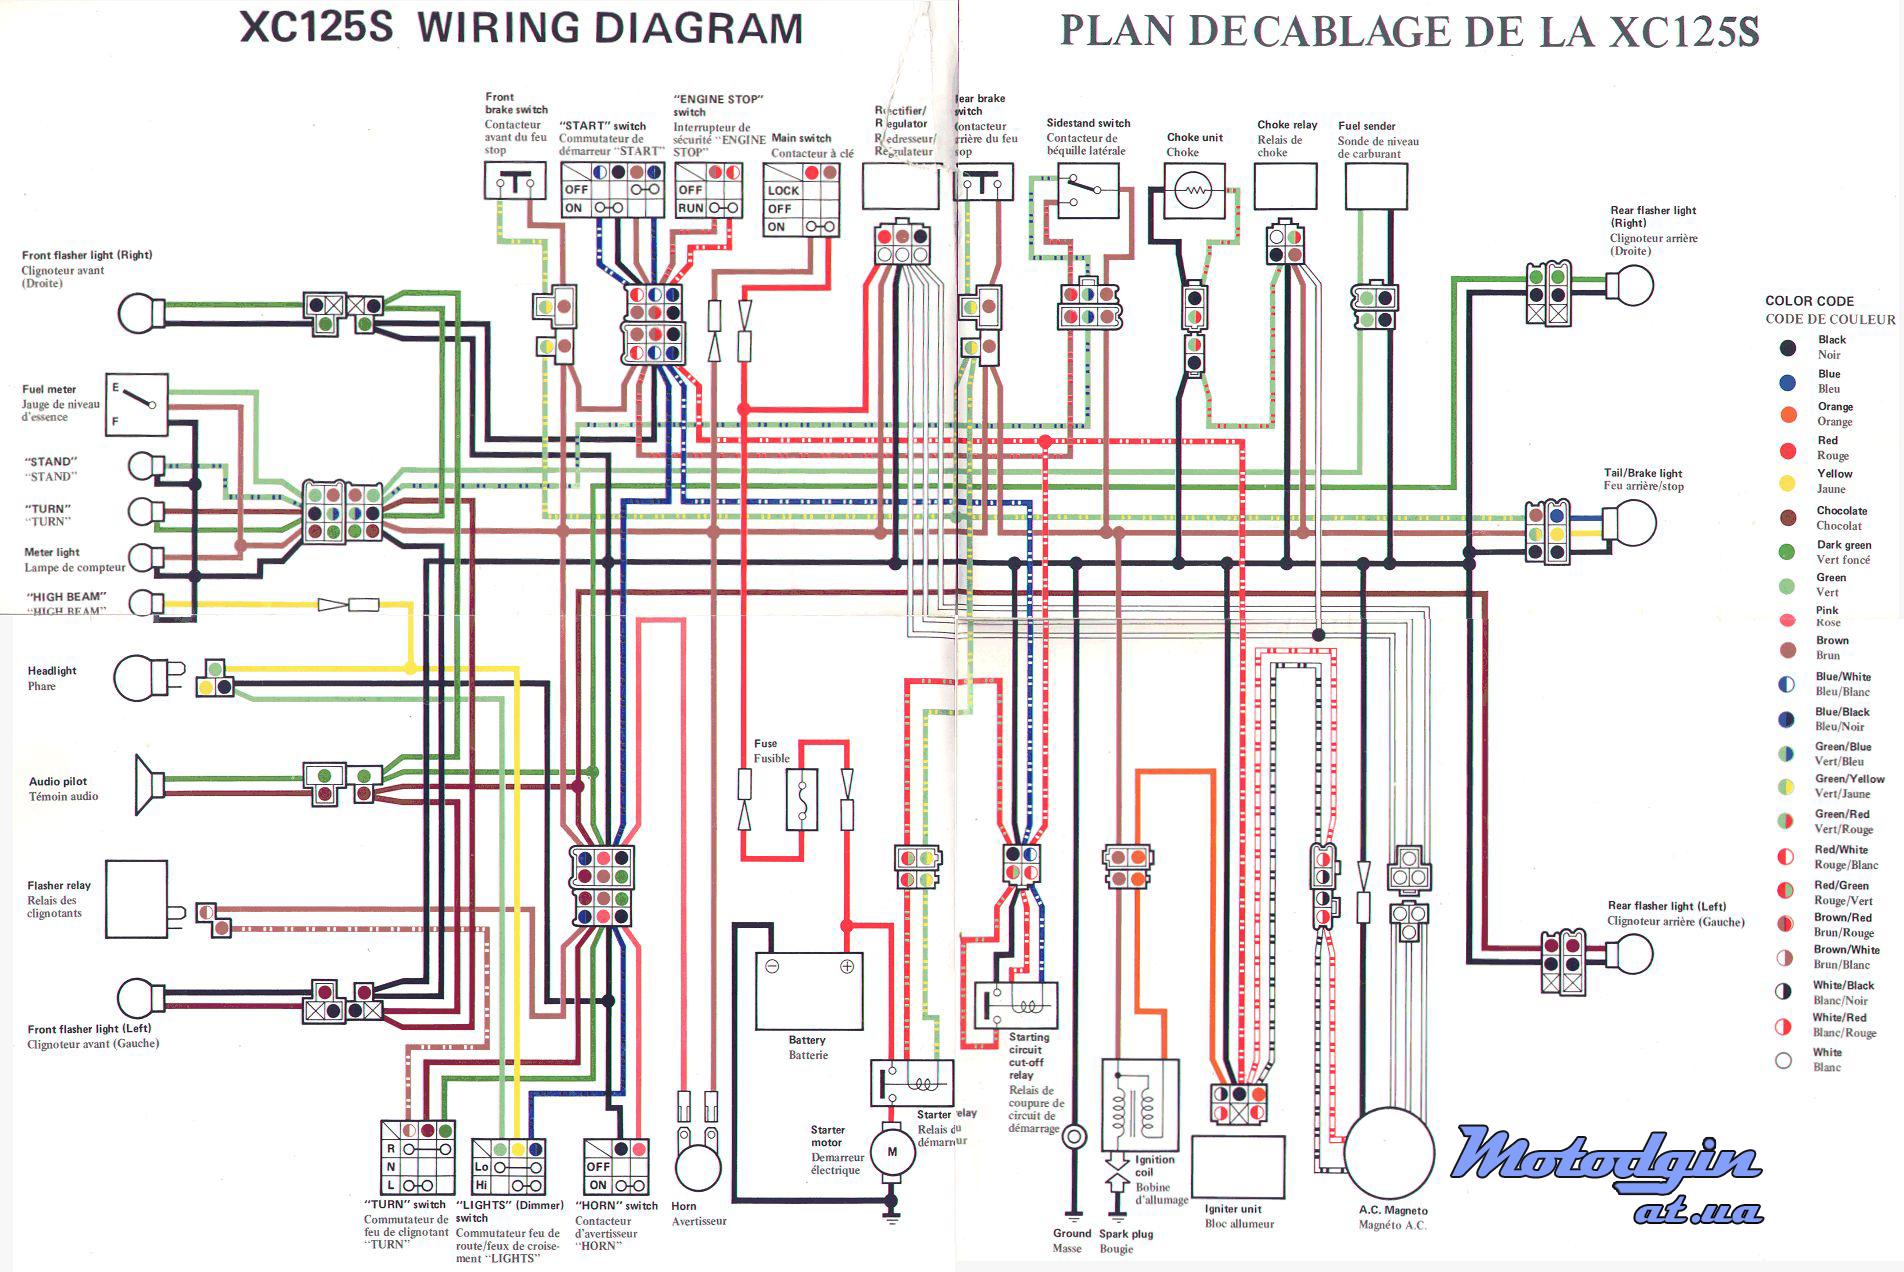 Schema Elettrico Yamaha Majesty 125 : Yamaha Схемы электрооборудования Мотоджин ремонт